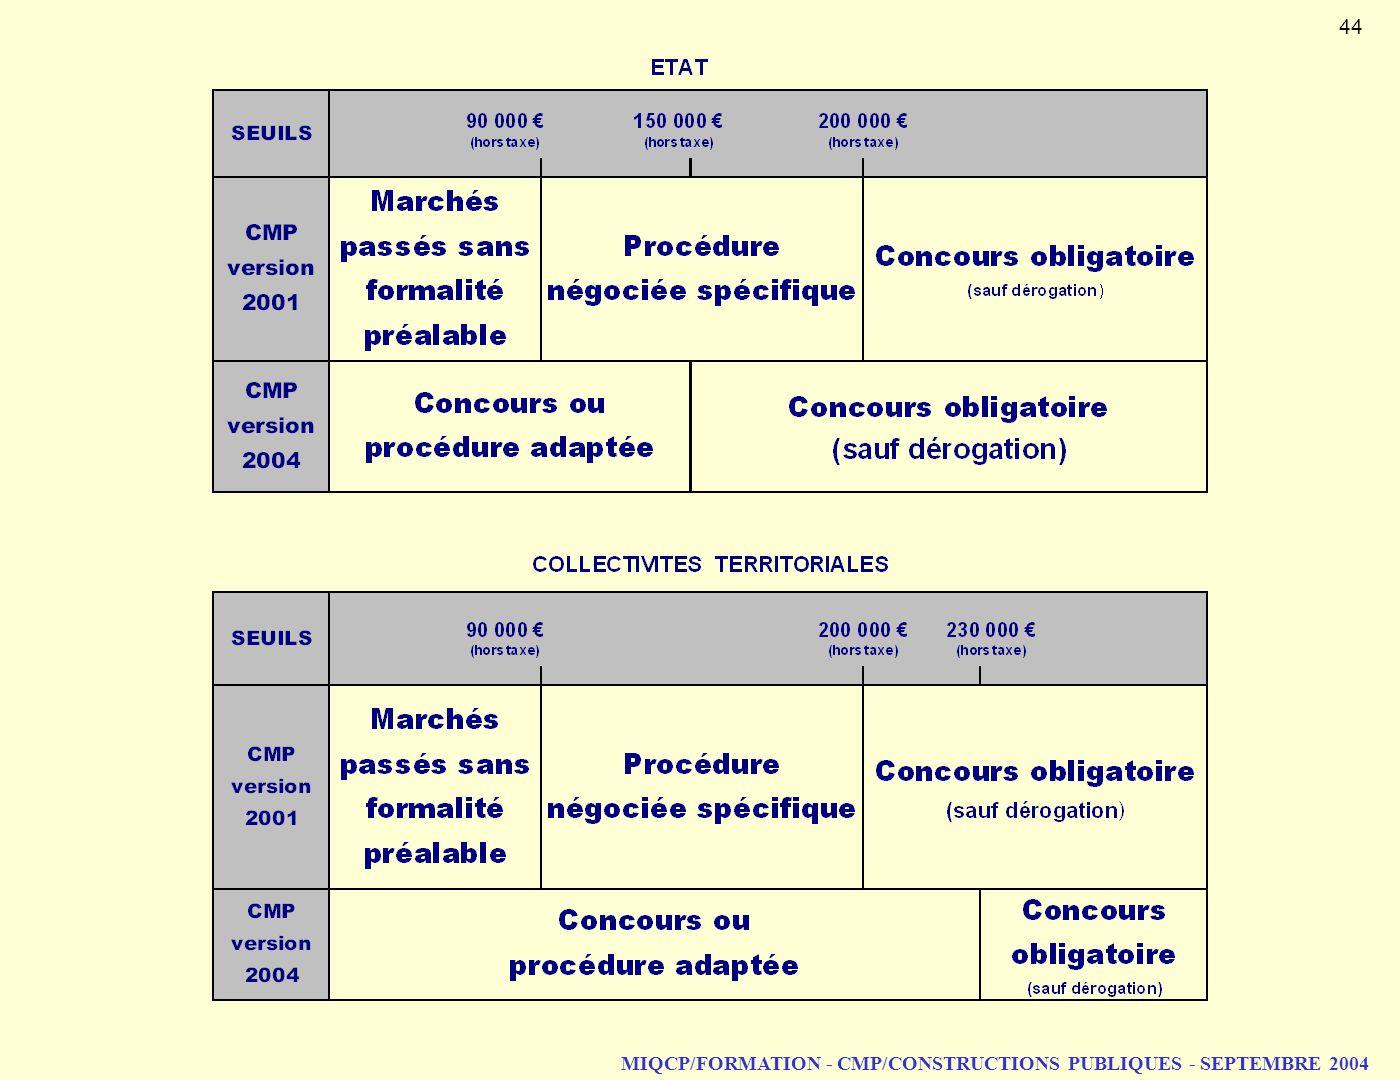 MIQCP/FORMATION - CMP/CONSTRUCTIONS PUBLIQUES - SEPTEMBRE 2004 44